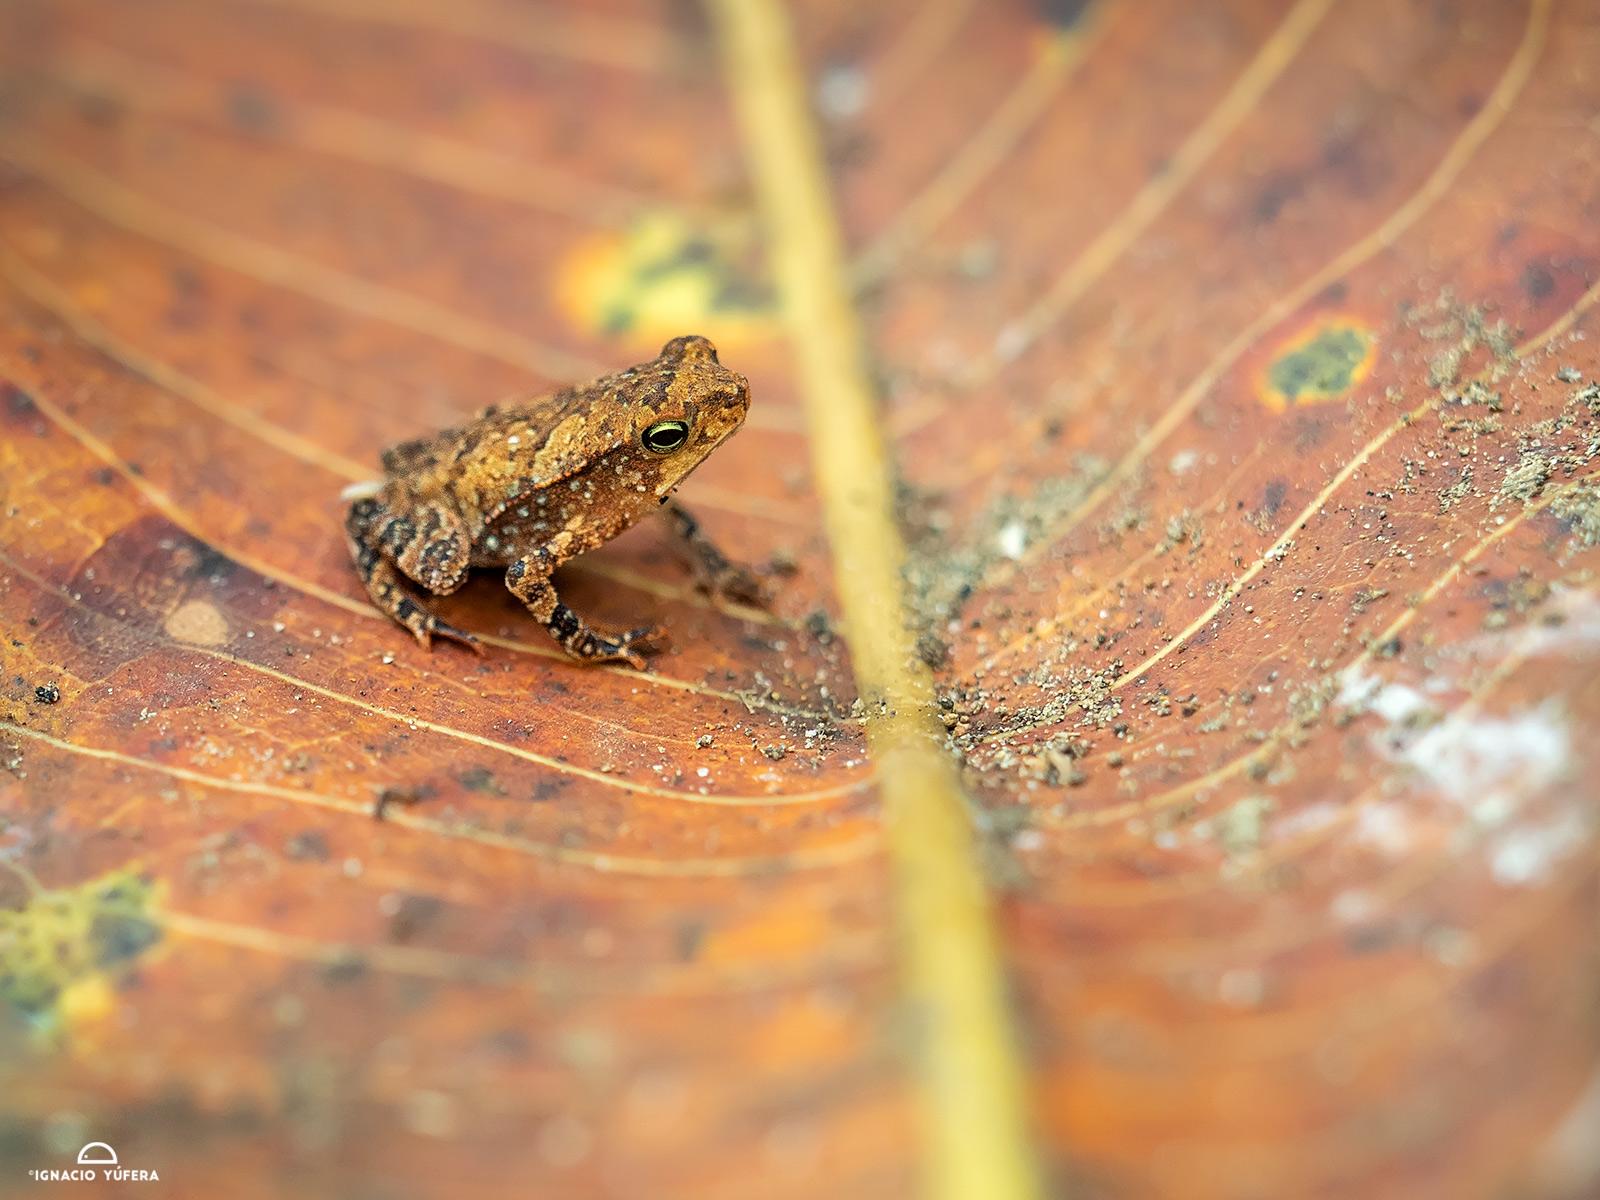 Leaf-litter toad (Rhinella alata), Gamboa, Panama, April